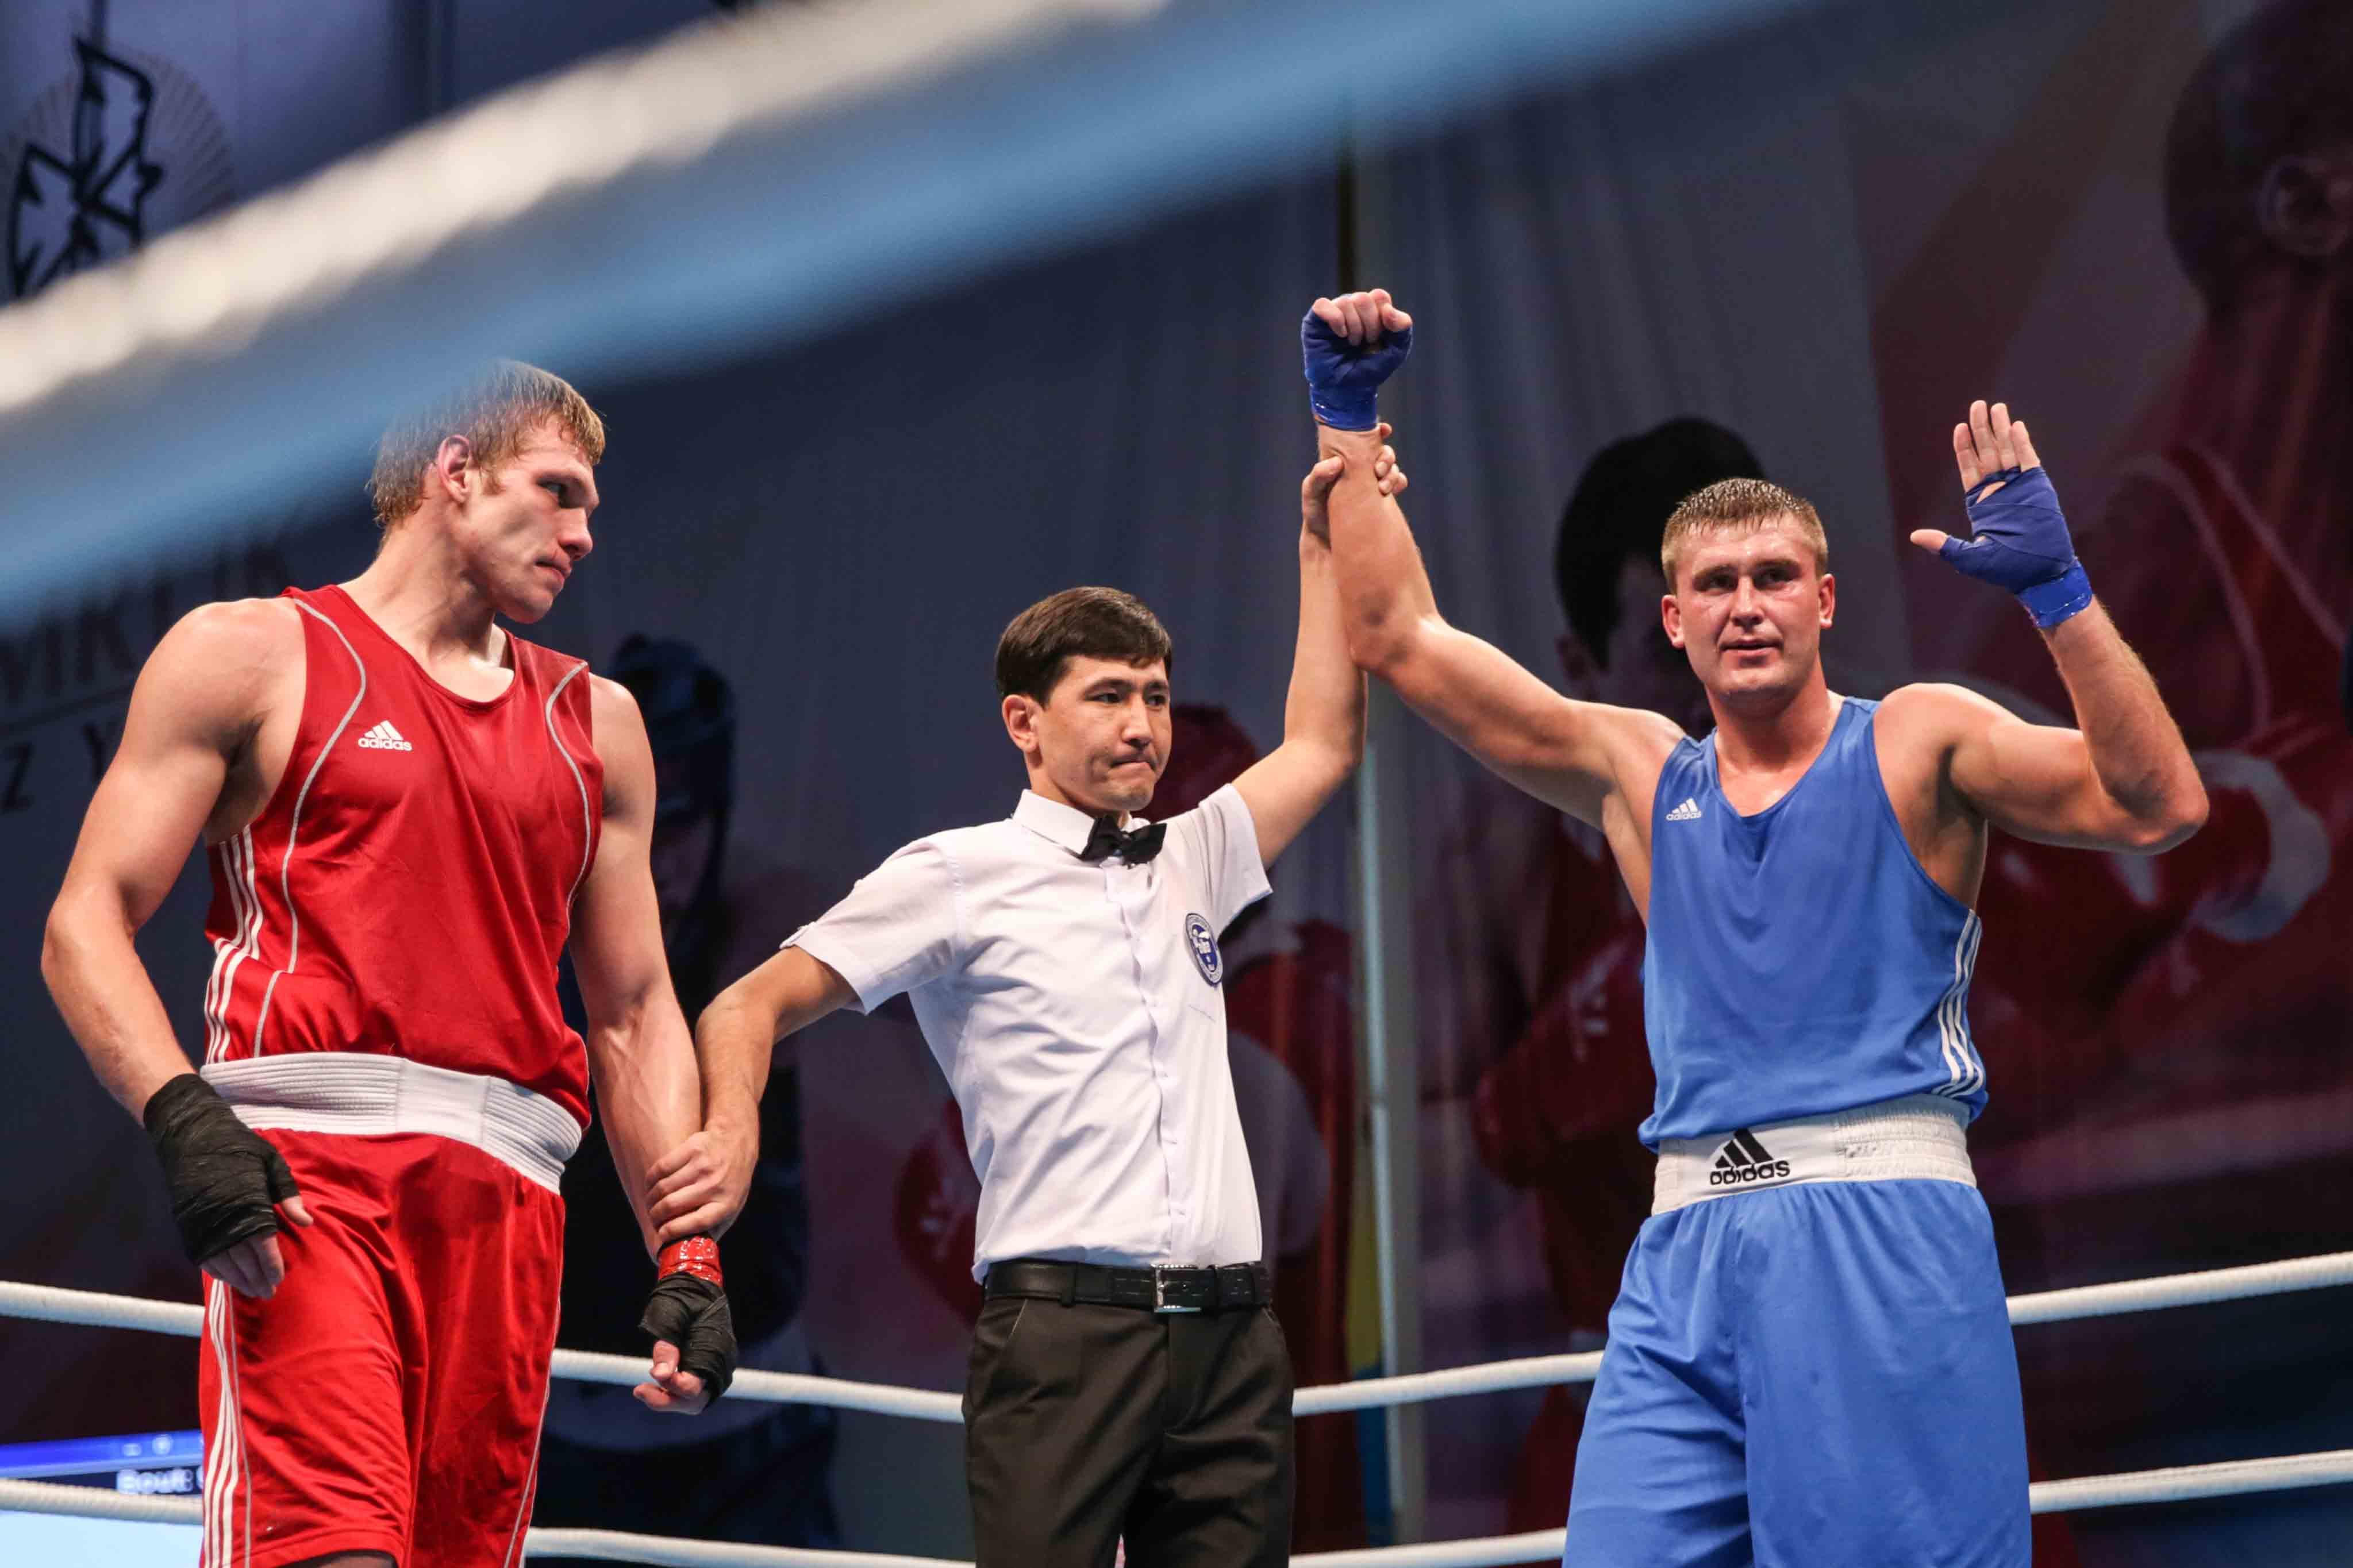 Антон Пинчук: «Вне ринга мы с Левитом друзья. На днях поздравил его с успехом на Олимпиаде»